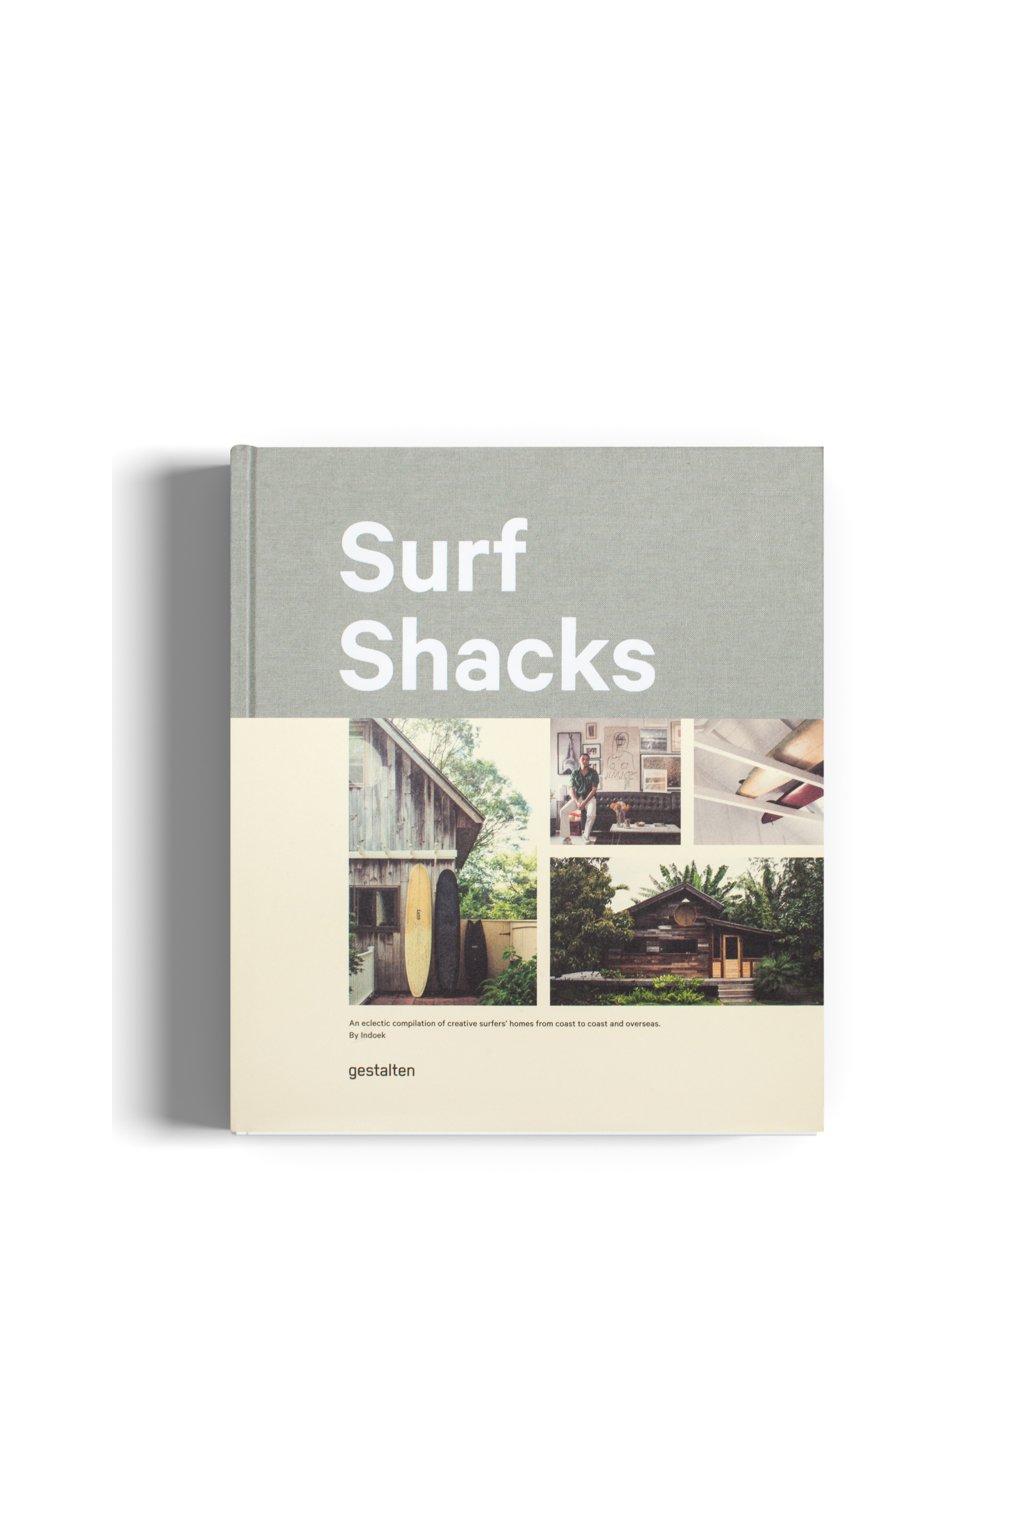 SurfShacks gestalten book 415daf81 9ec0 426c 936c b6faeb3dec8e 1200x